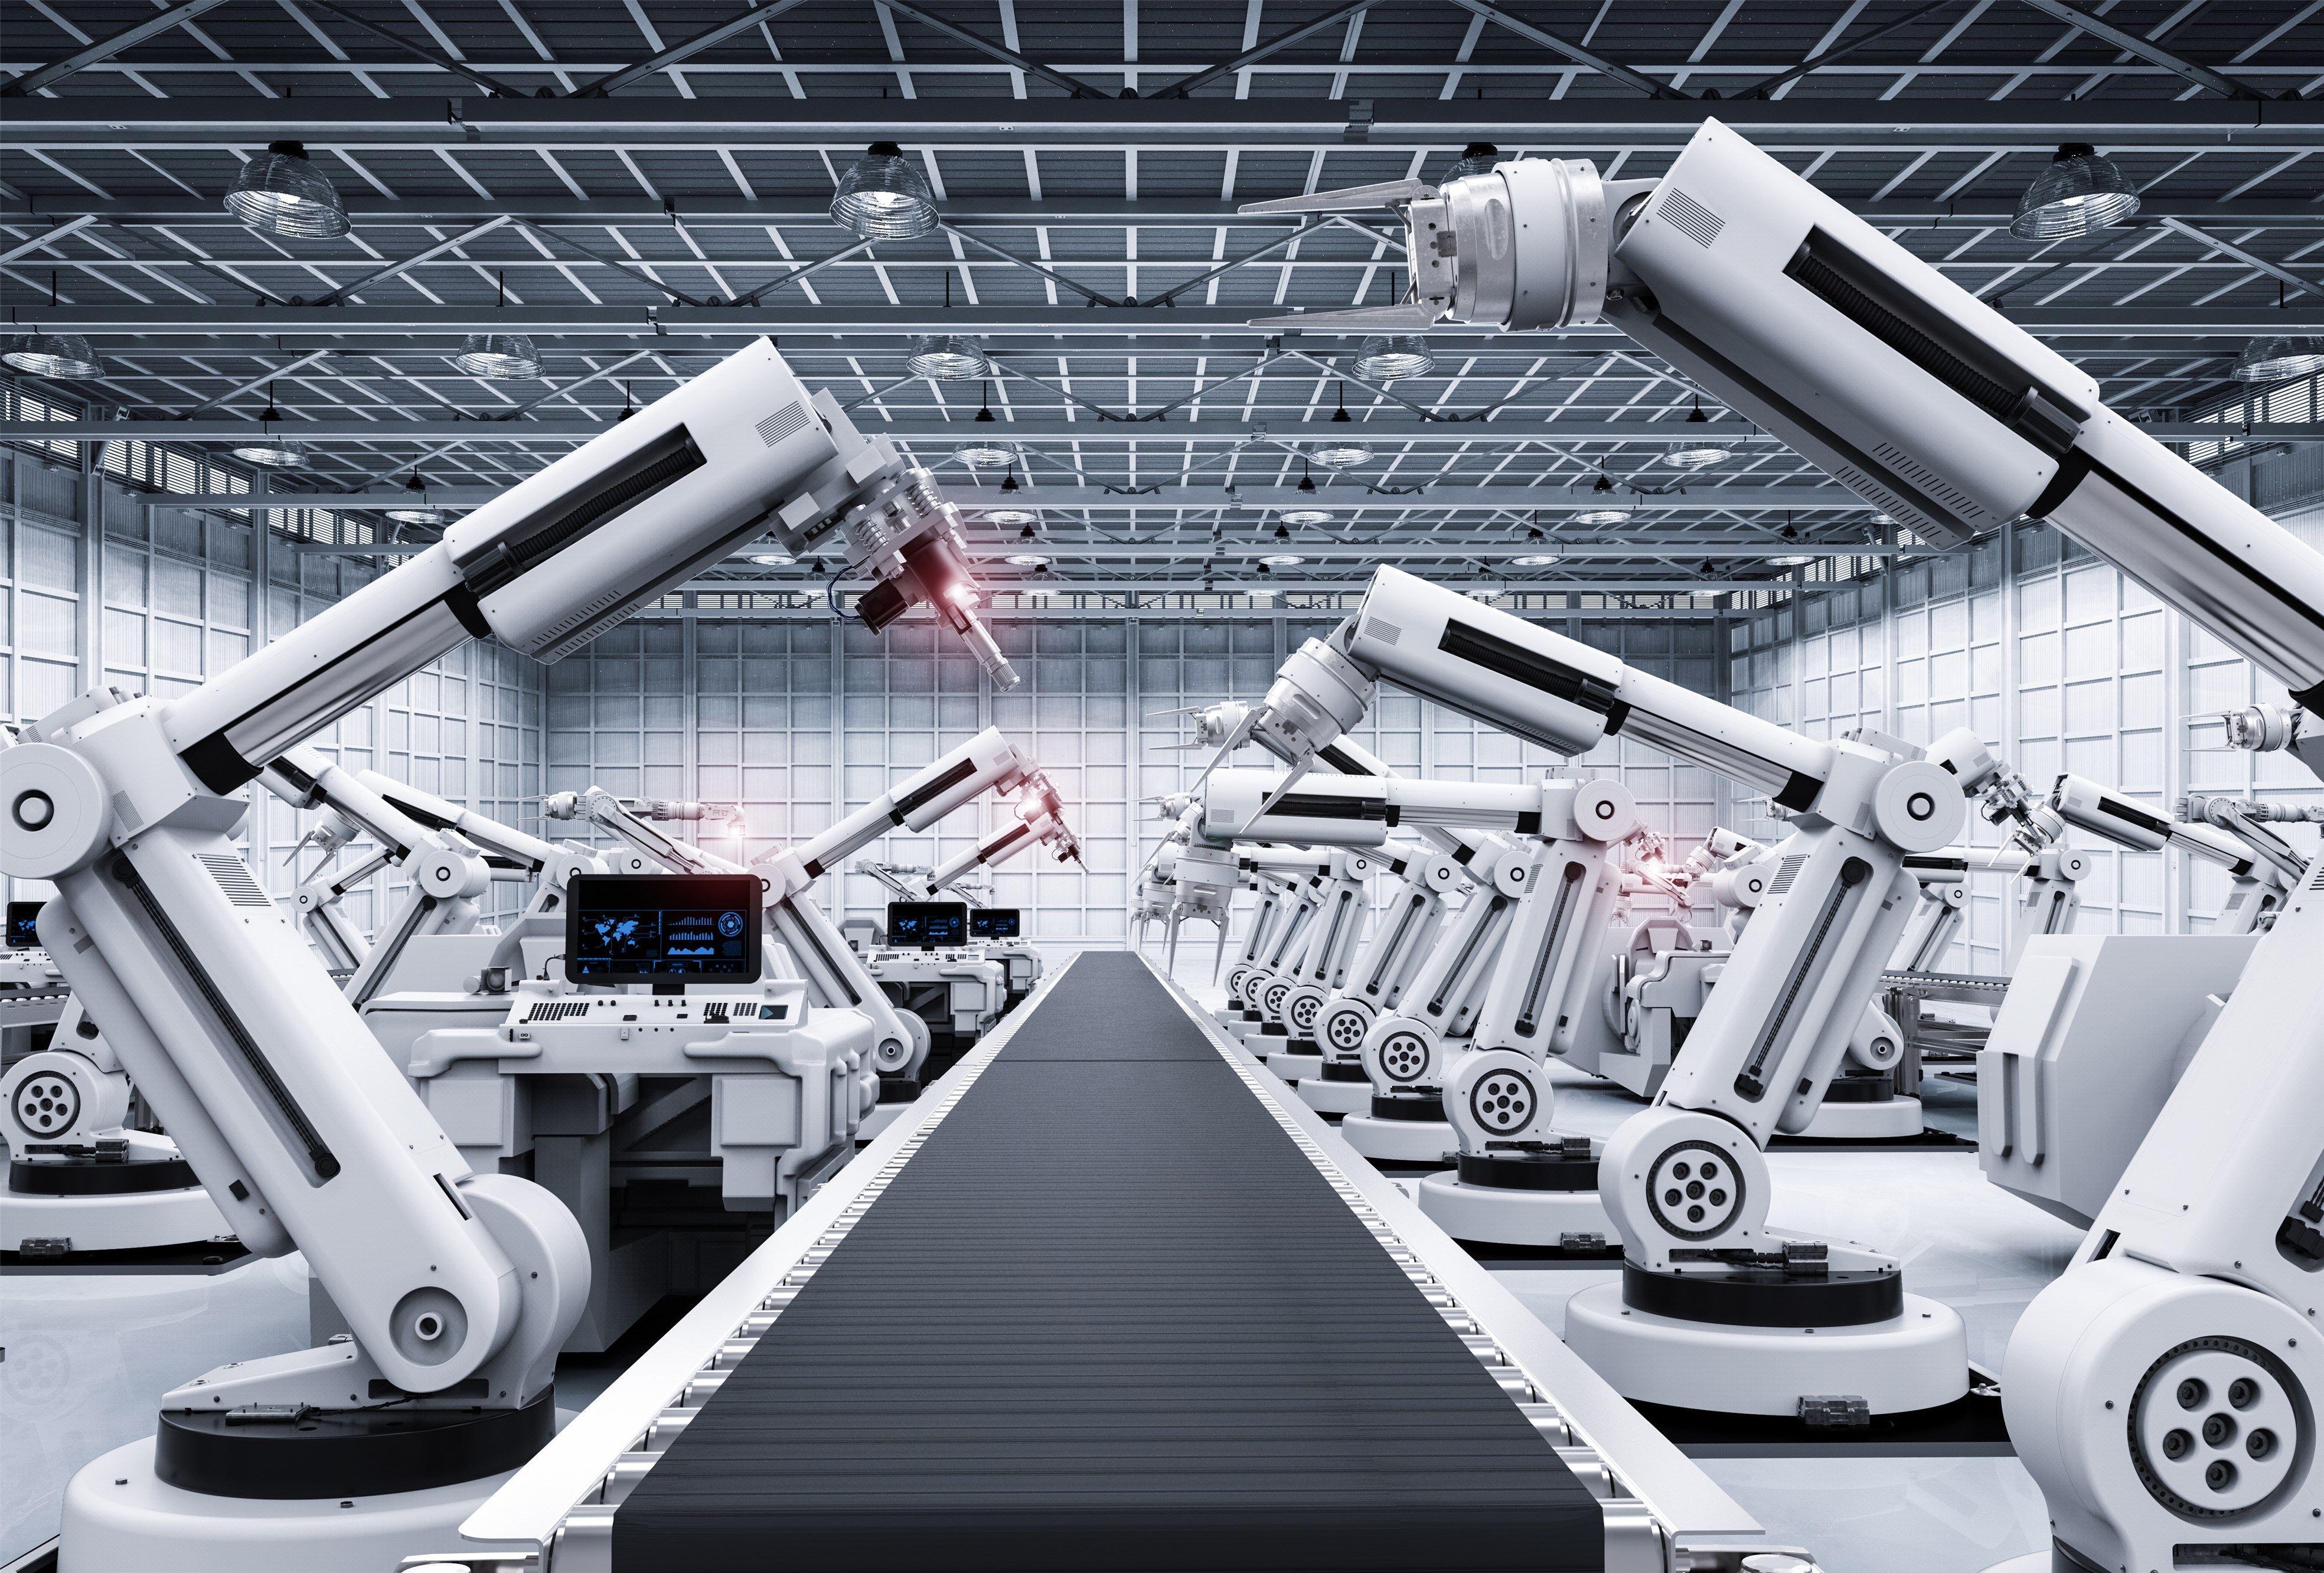 又一家明星机器人公司倒掉:曾是全球机器人技术50强,主打性价比AI机械臂